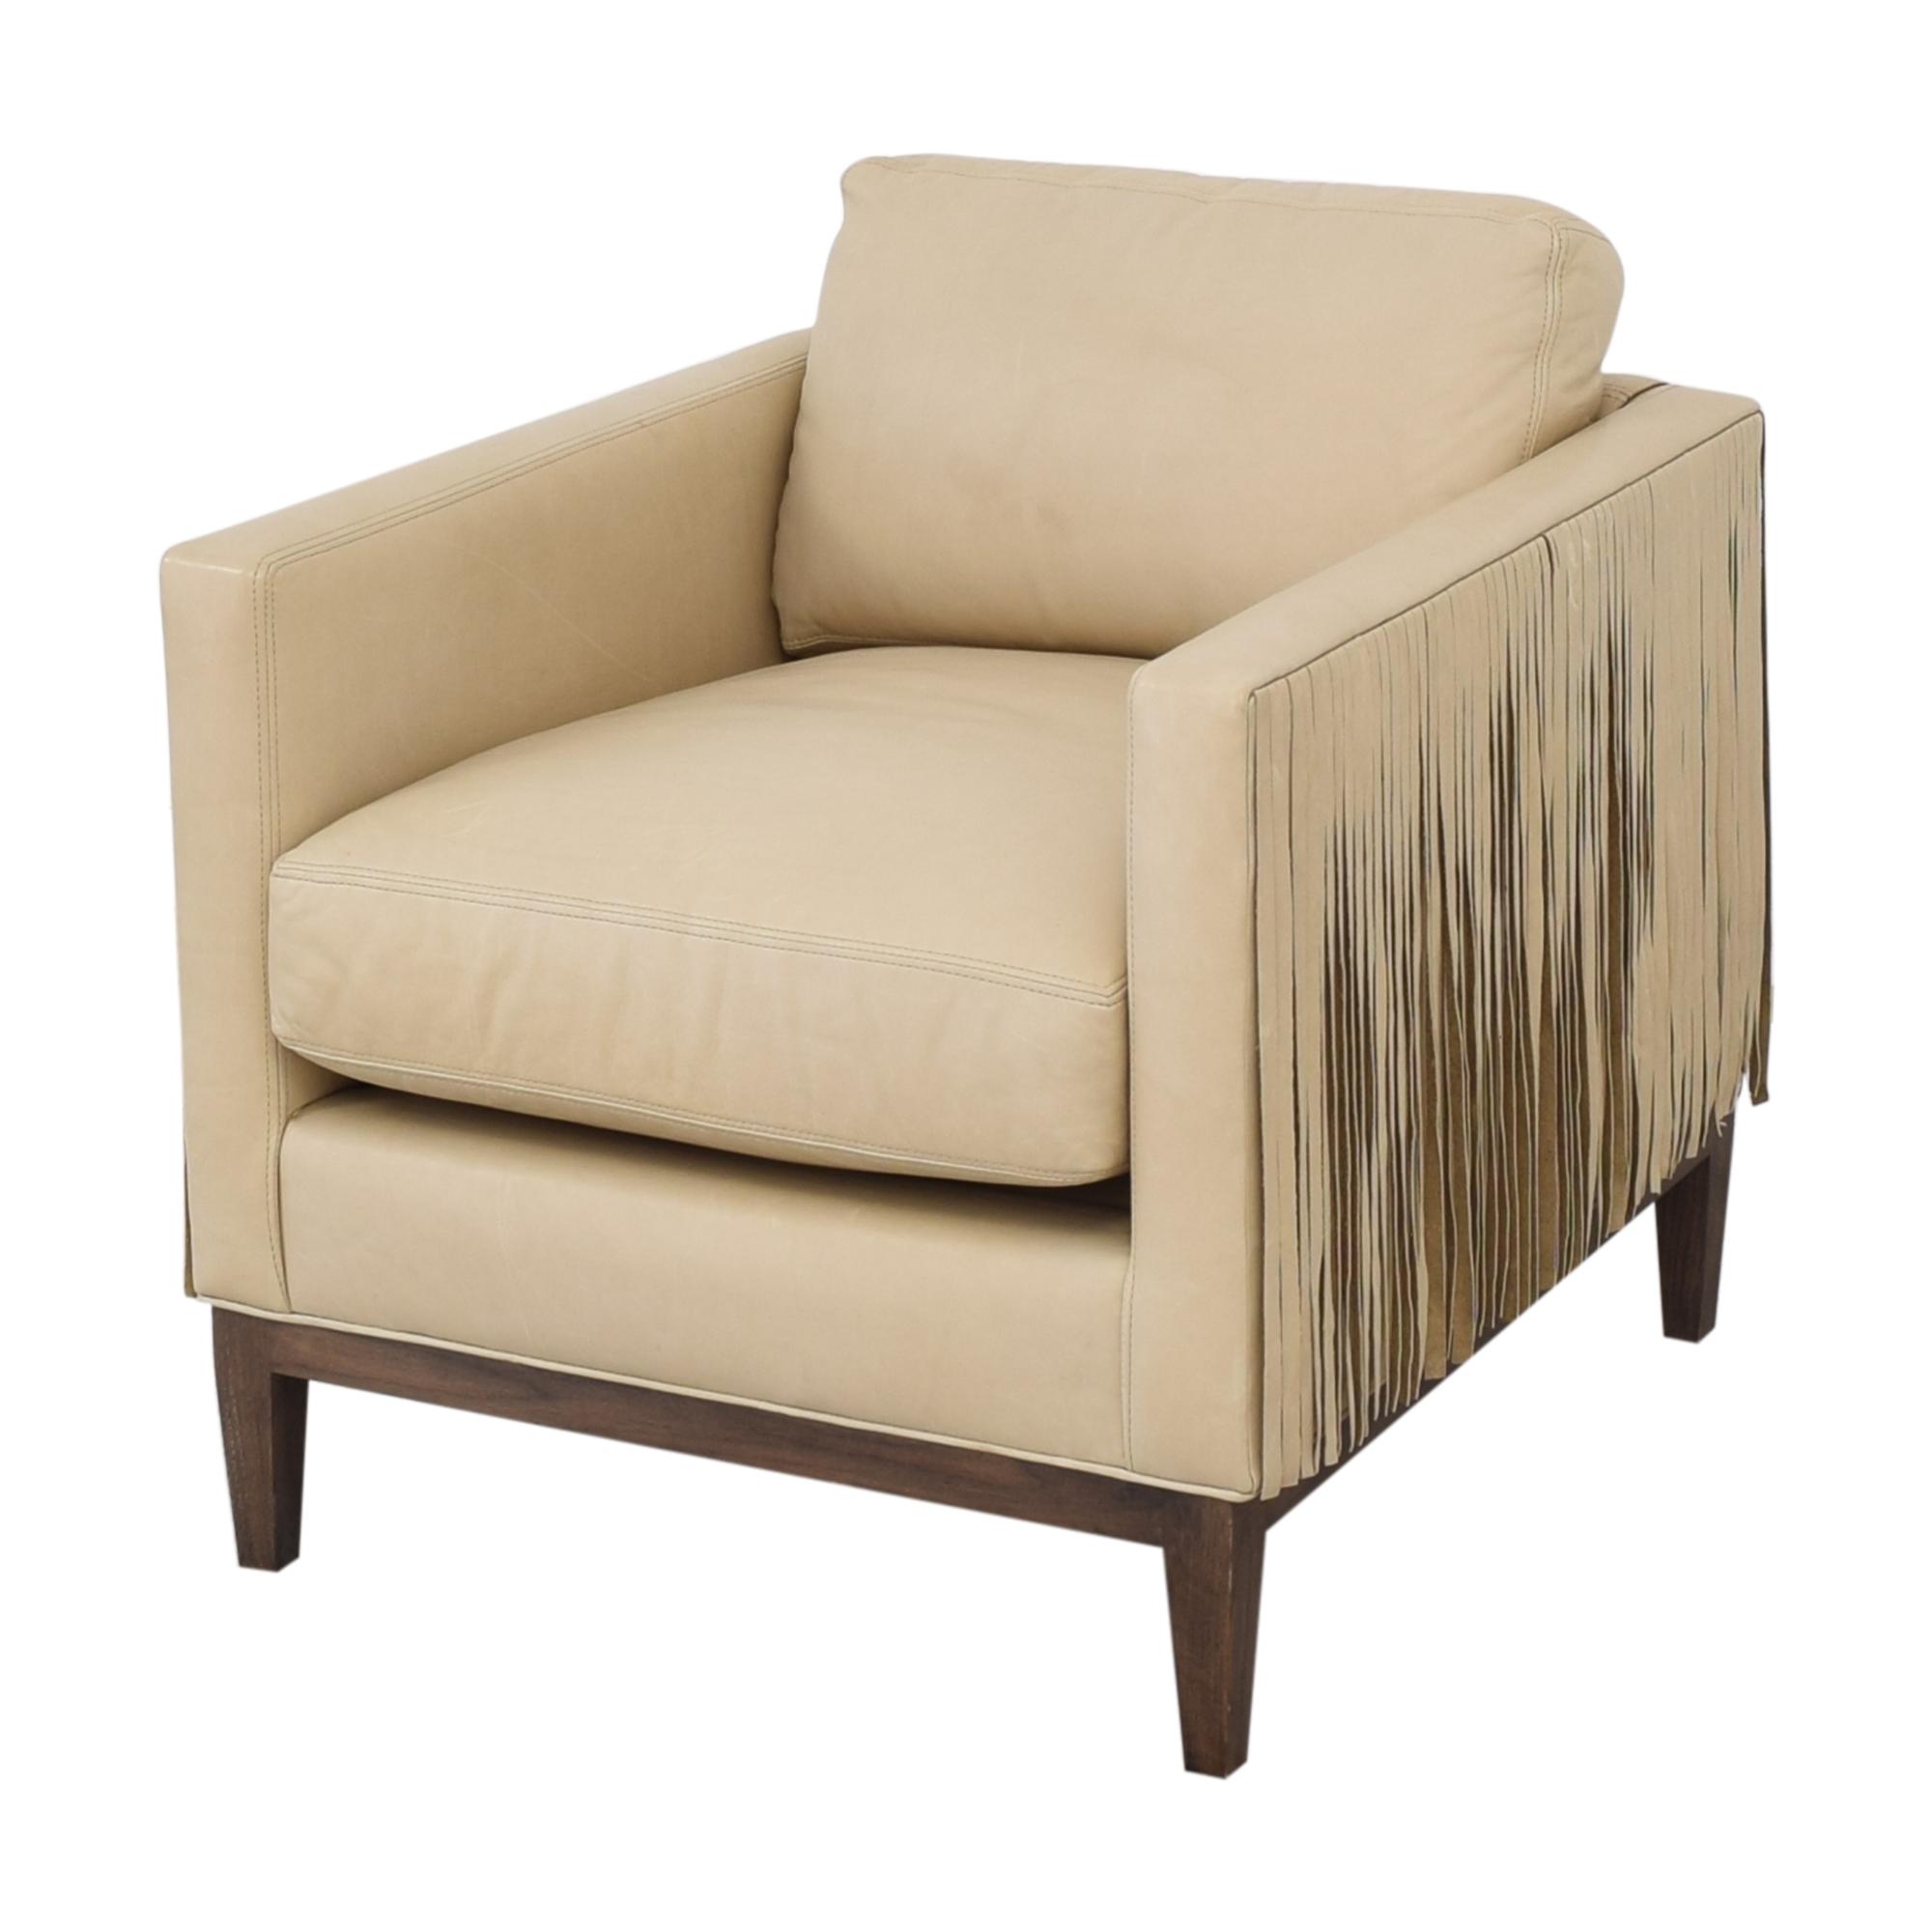 Lee Industries Lee Industries Leather Fringe Chair price